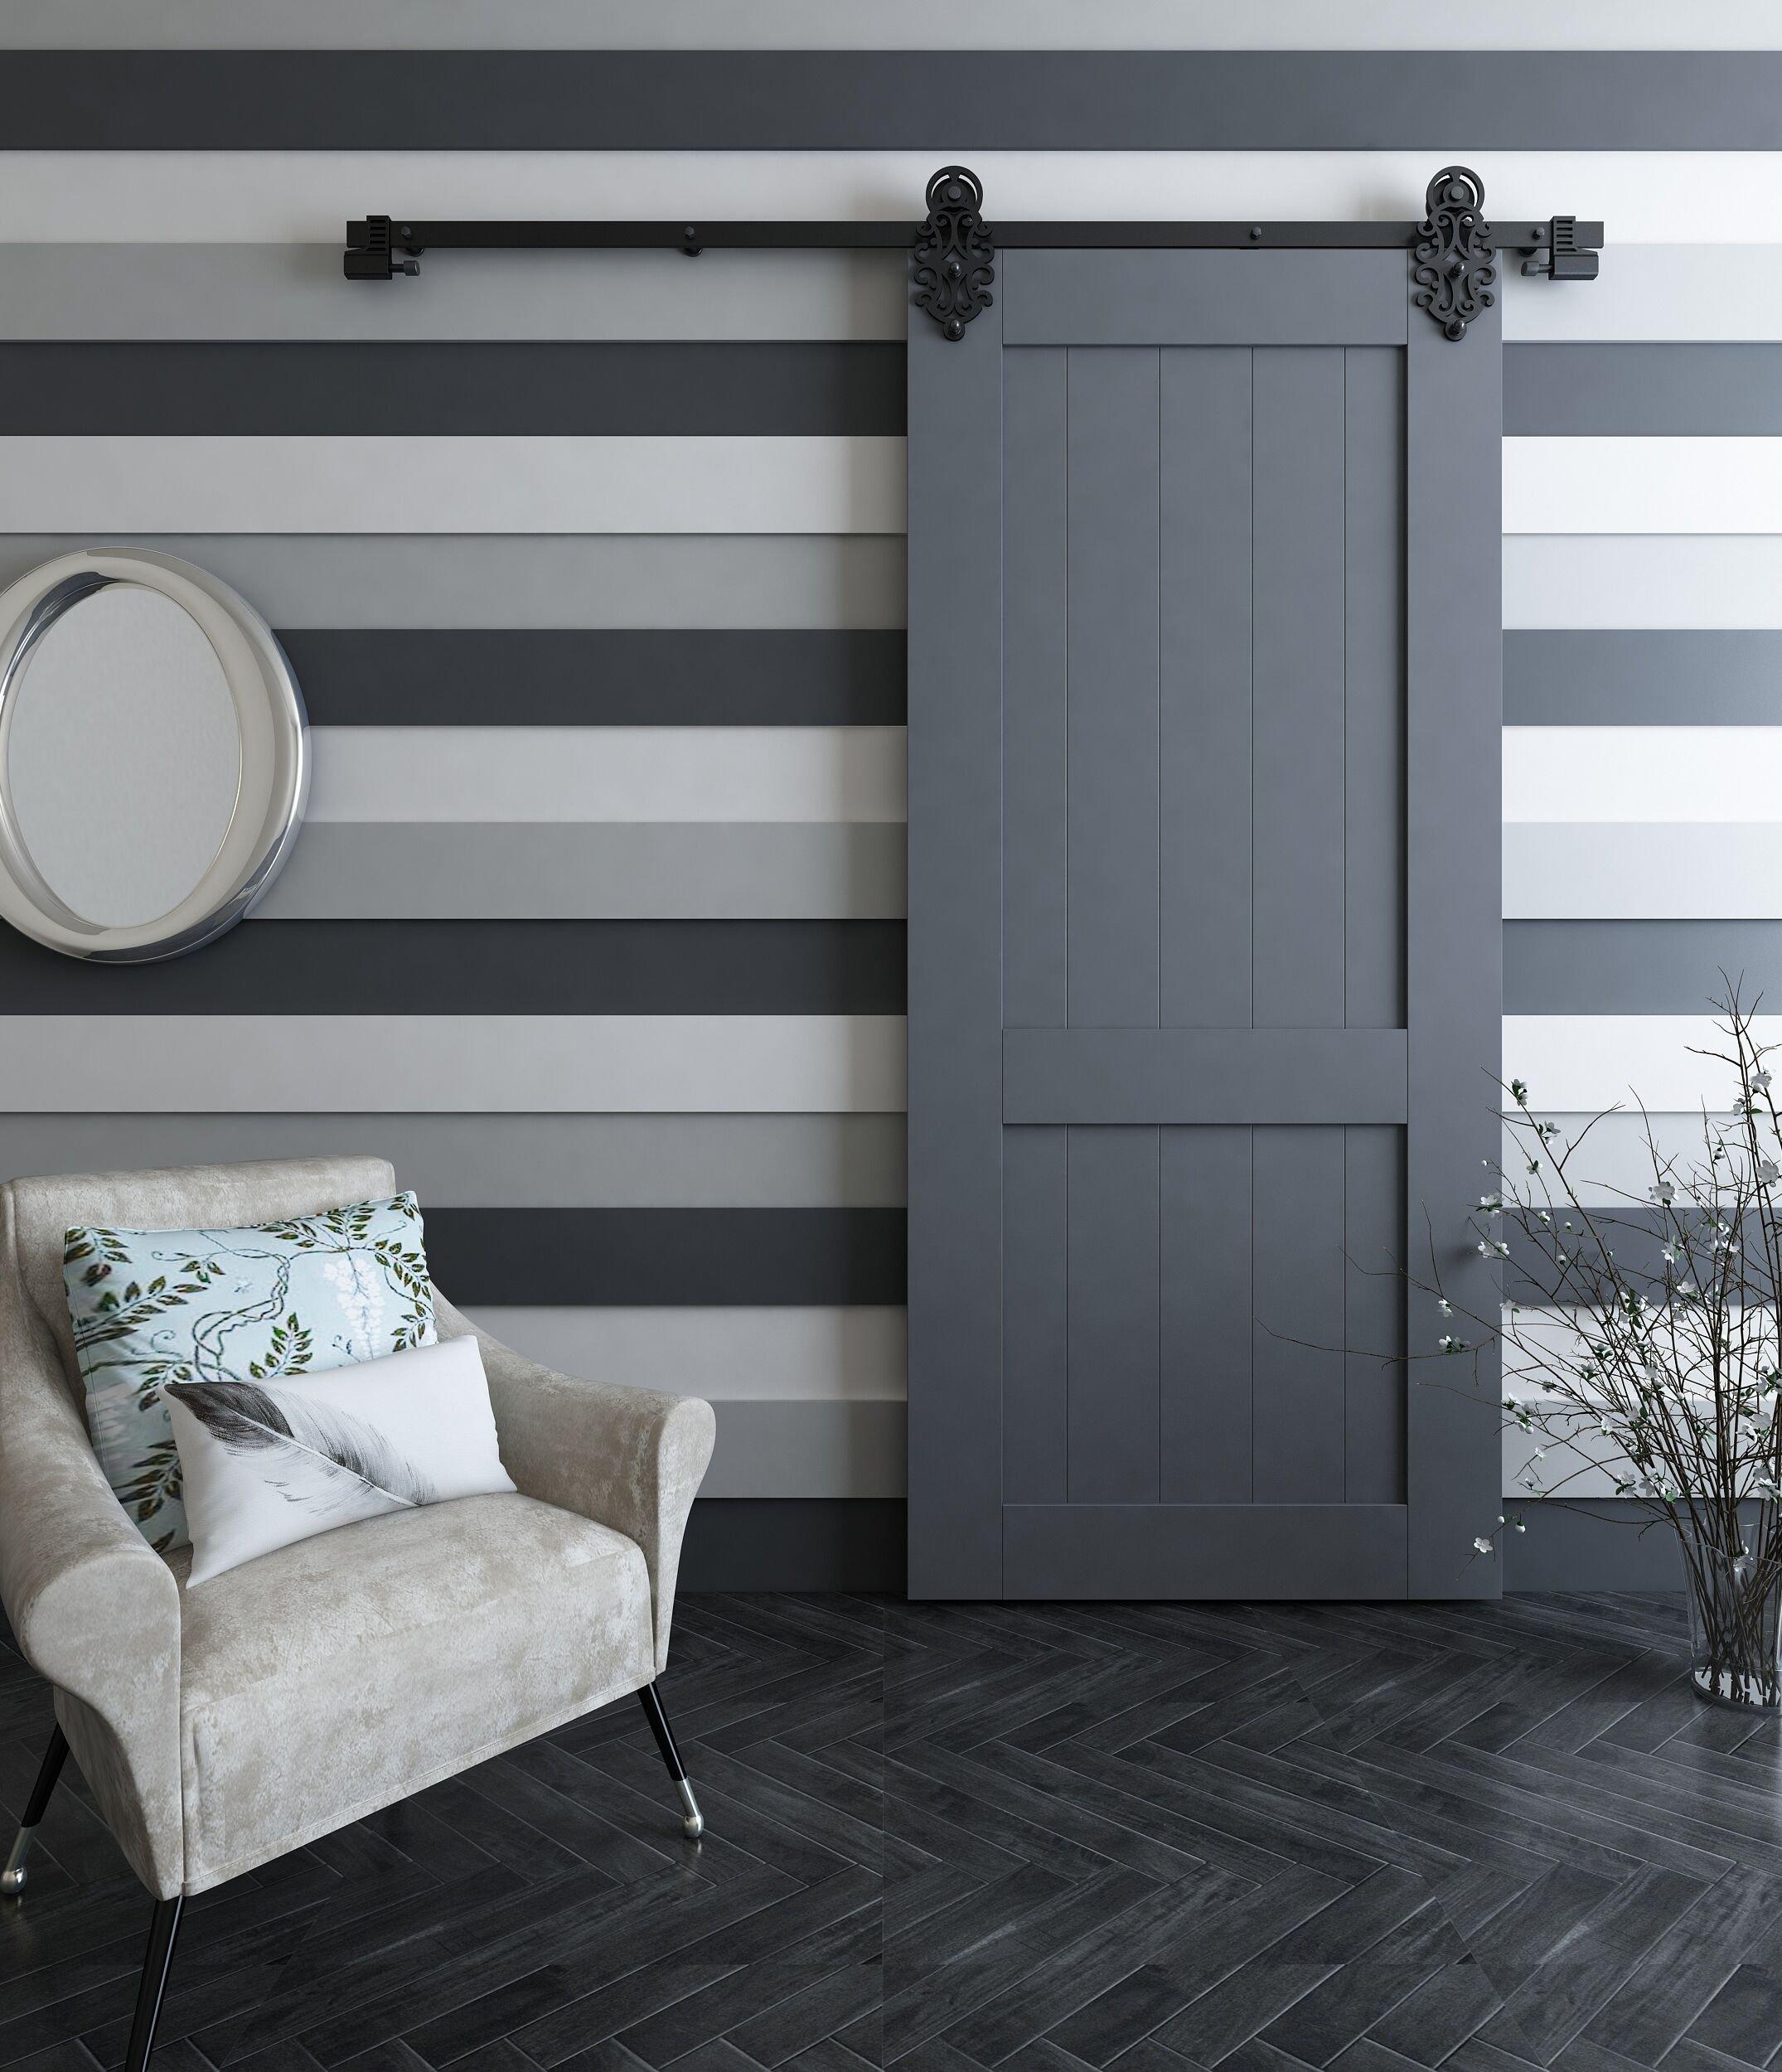 DIYHD - Soporte de hierro para puerta corredera, color negro: Amazon.es: Bricolaje y herramientas